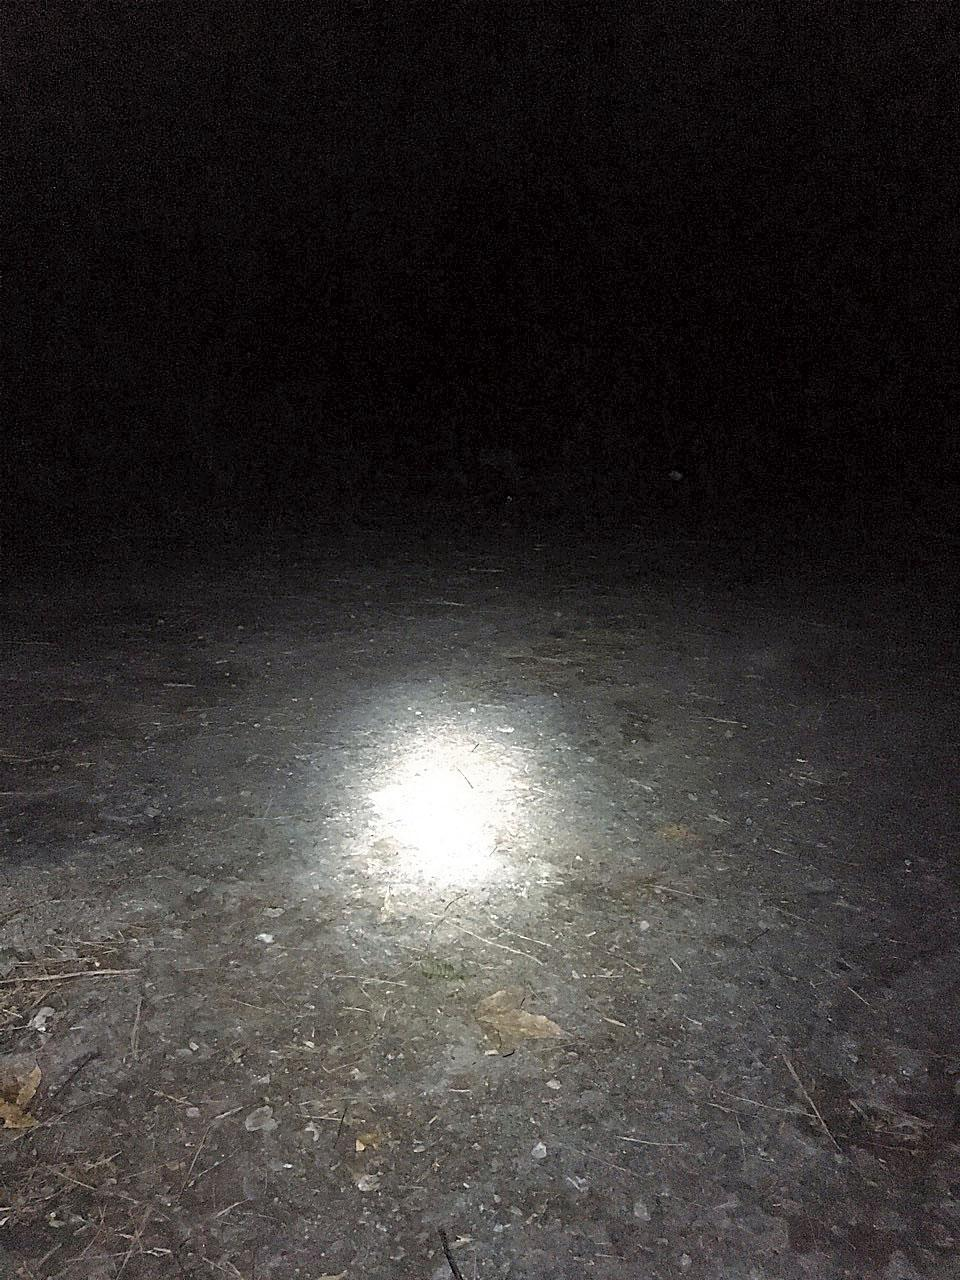 文大推廣部職員抵達加羅湖時已經伸手不見五指,只能仰賴頭燈的微弱光線,這時才發現山青記錯時間,面對無人搭帳篷、準備晚餐的窘境。(文大推廣部職員提供)